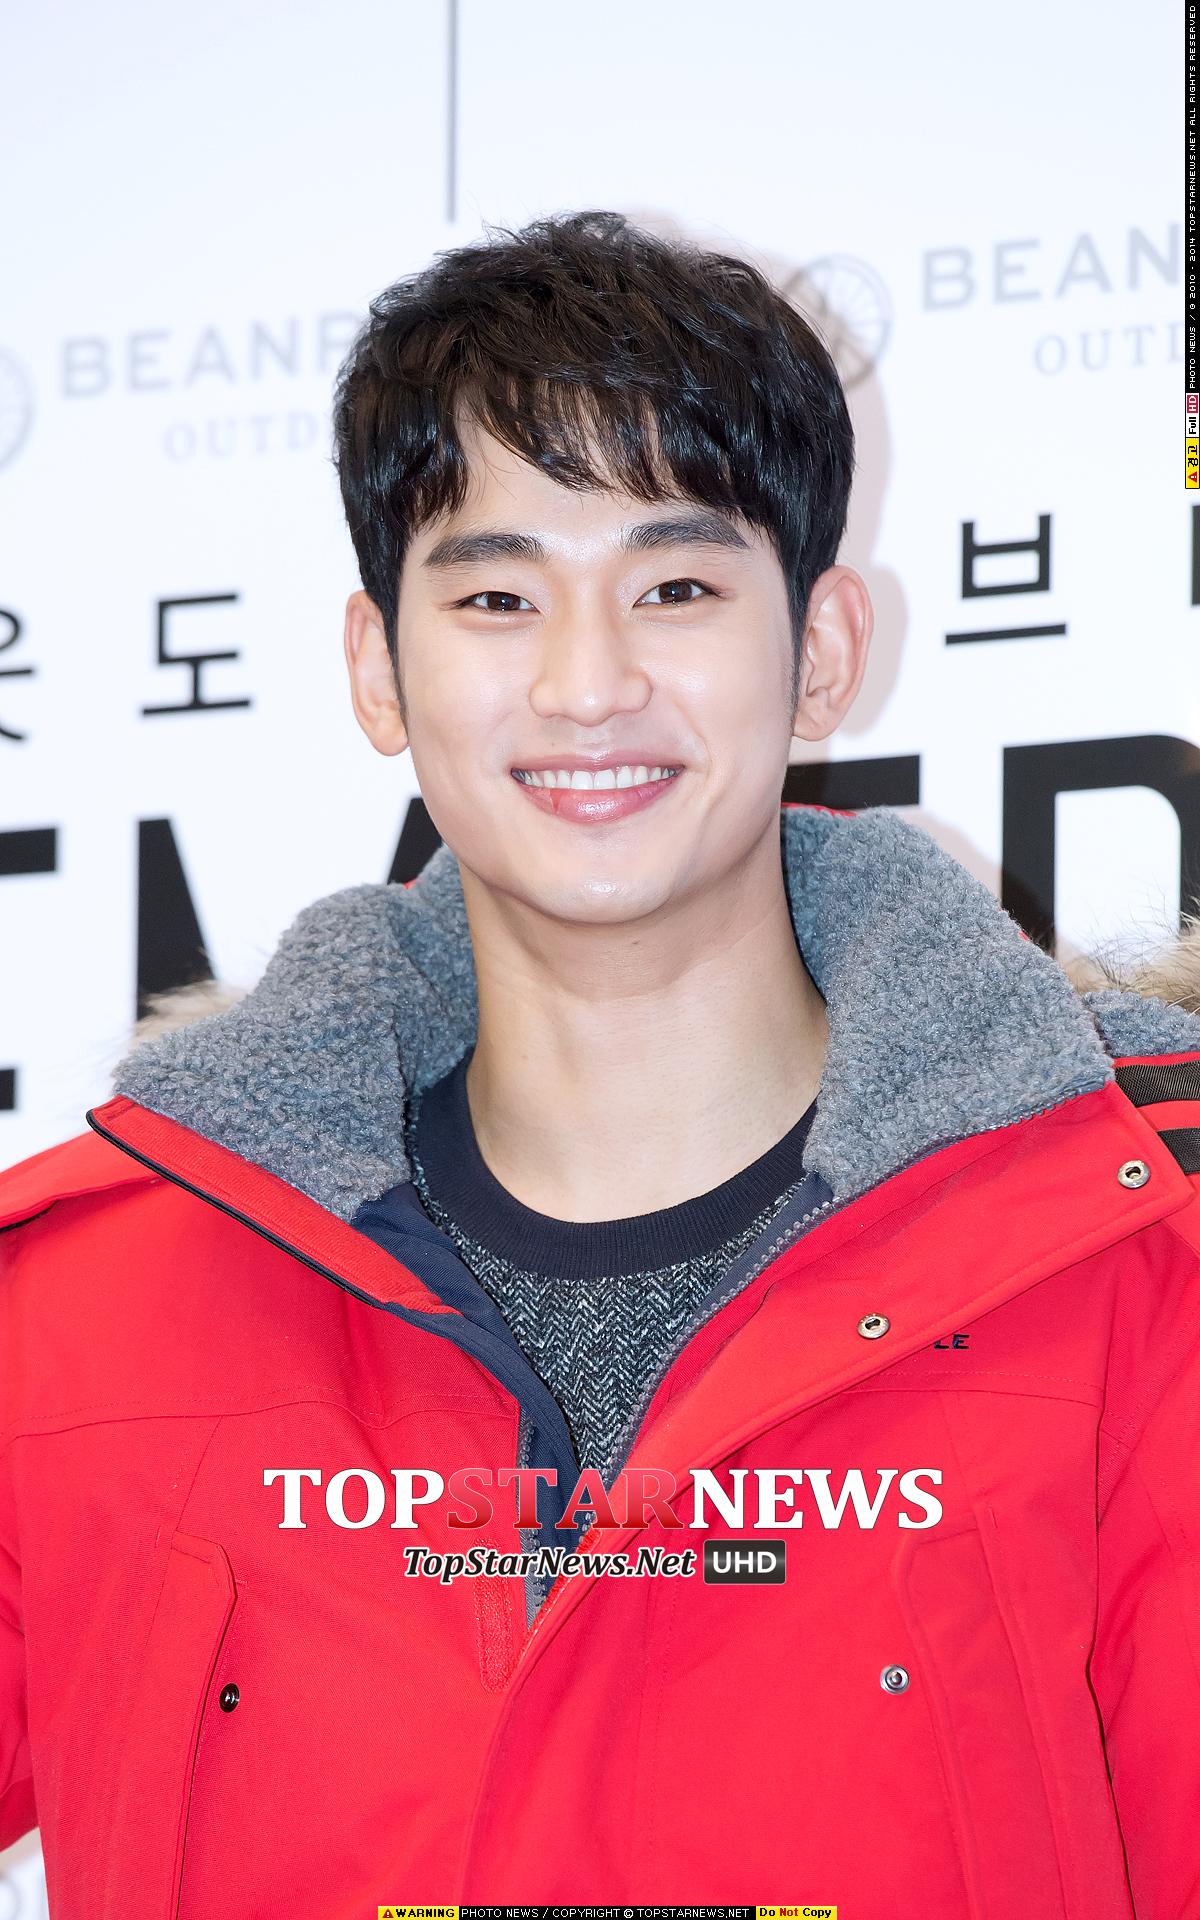 最近韓國氣候乾冷 就被媒體發現他出席活動時即使他的嘴唇已經因乾燥而破皮 他仍然敬業的擺出超完美微笑